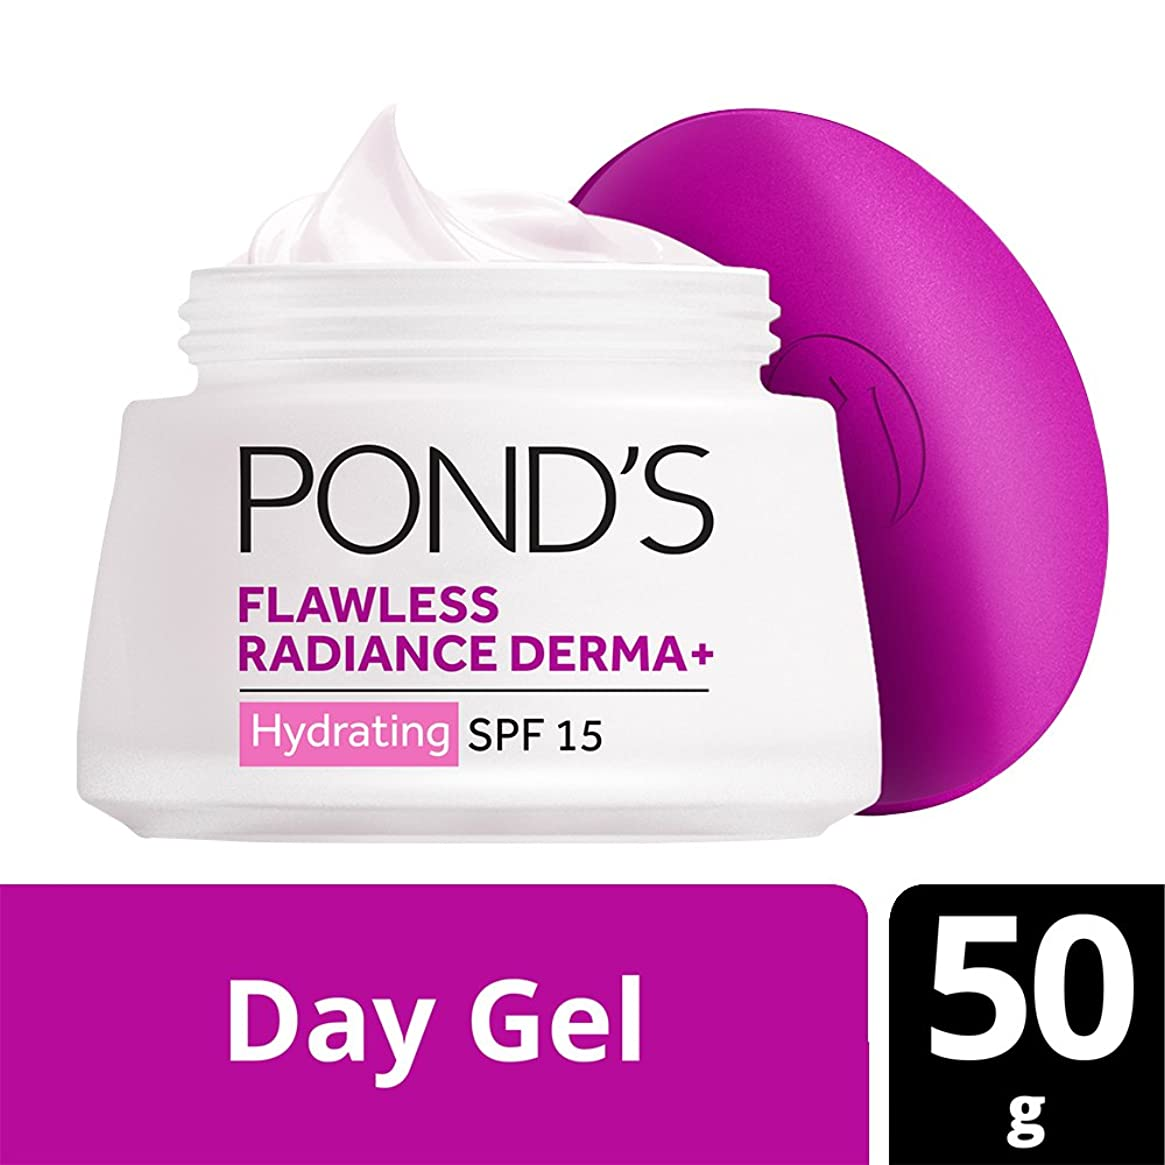 完全に不健全流暢Pond's SPF15 PA++ Flawless Radiance Derma+ Hydrating Day Gel, 50g (Parellel Import)